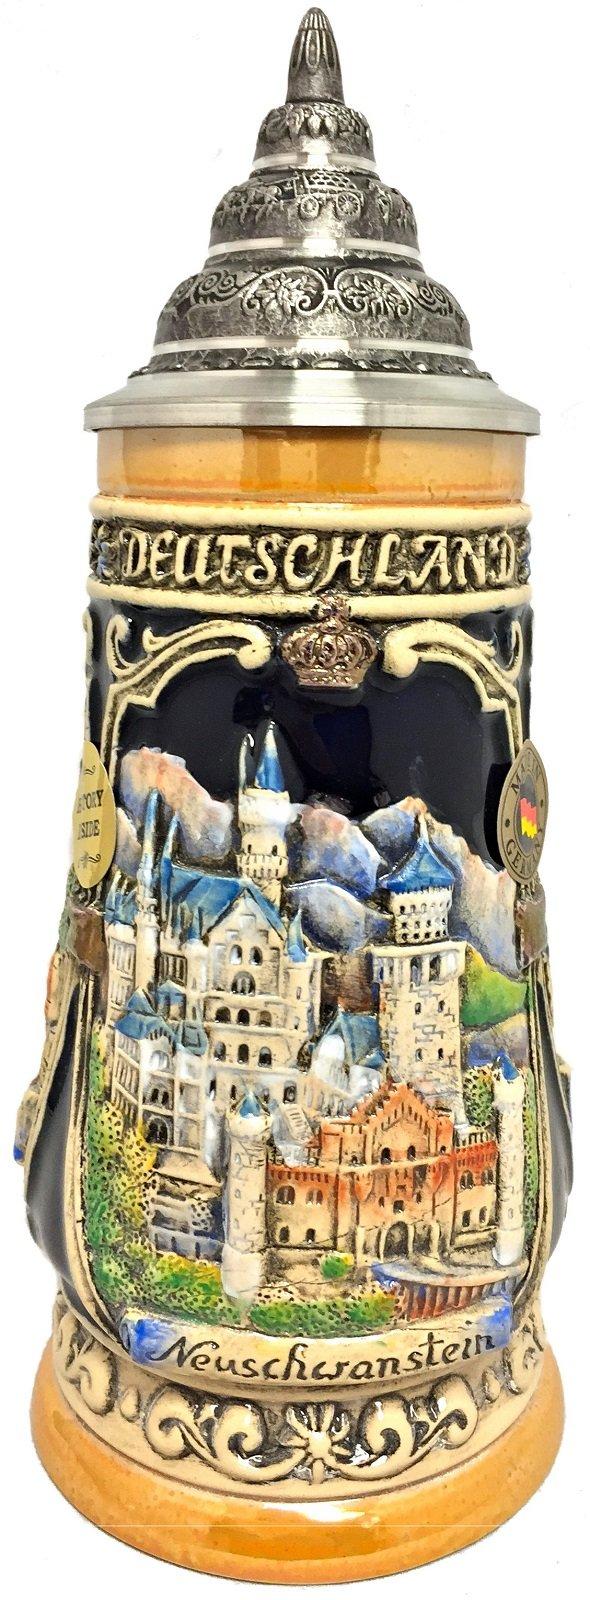 Neuschwanstein Castle LE Relief German Beer Stein .25 L Bavaria Germany